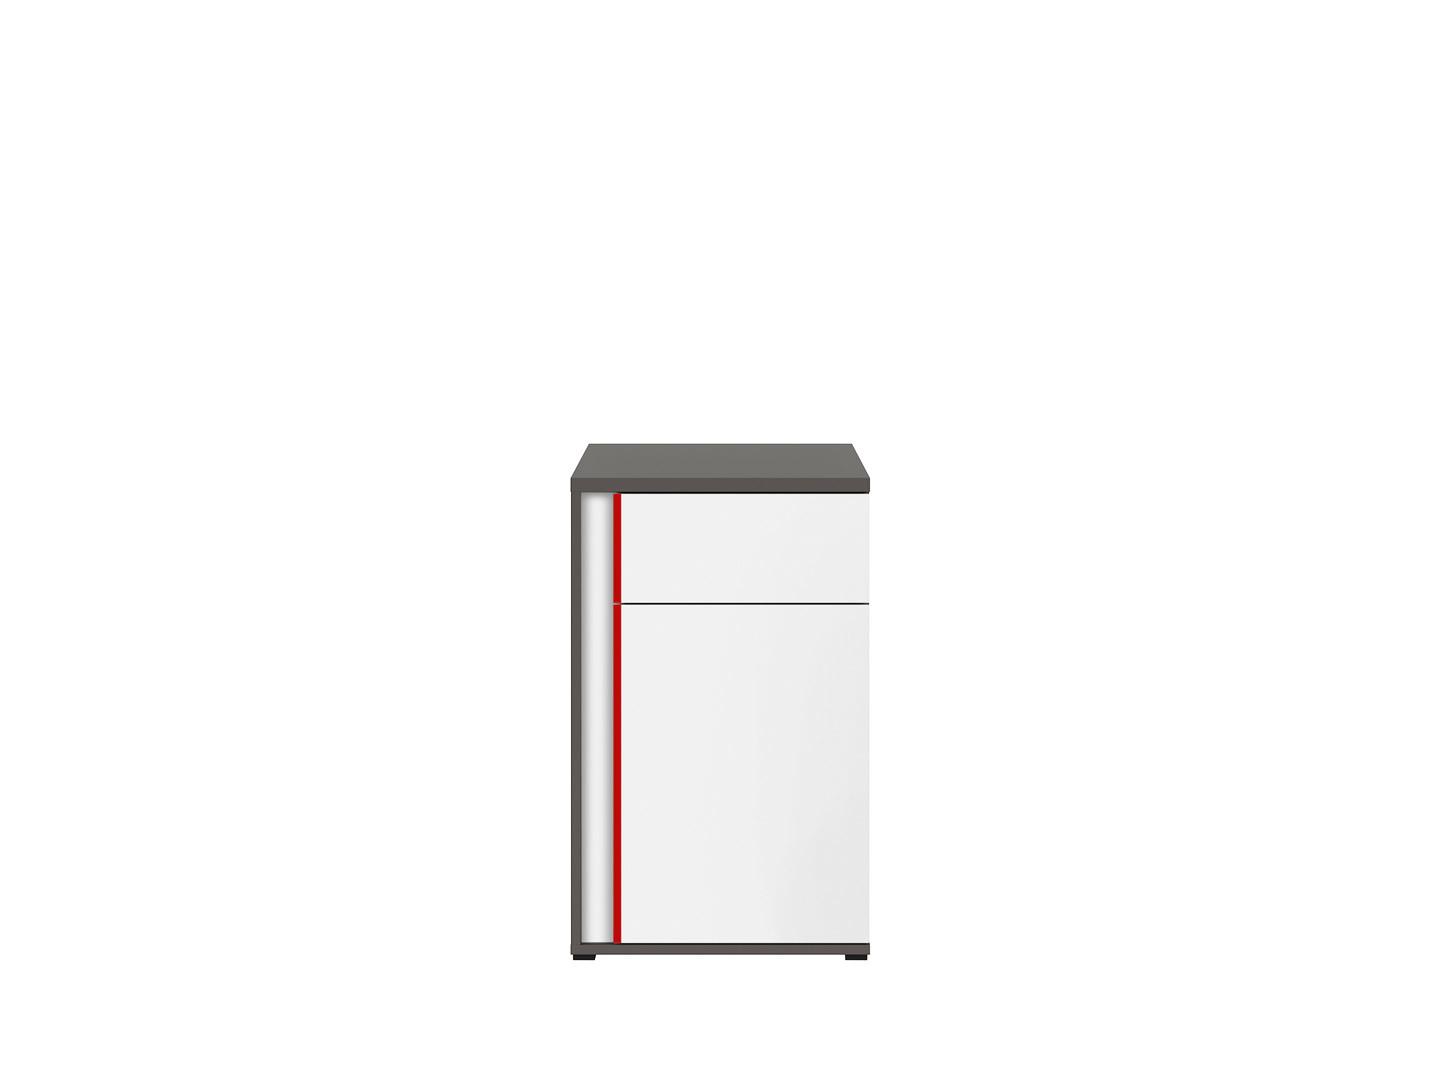 Skrinka GRAPHIC KOM1D1SP/B sivý wolfram/biely/červený